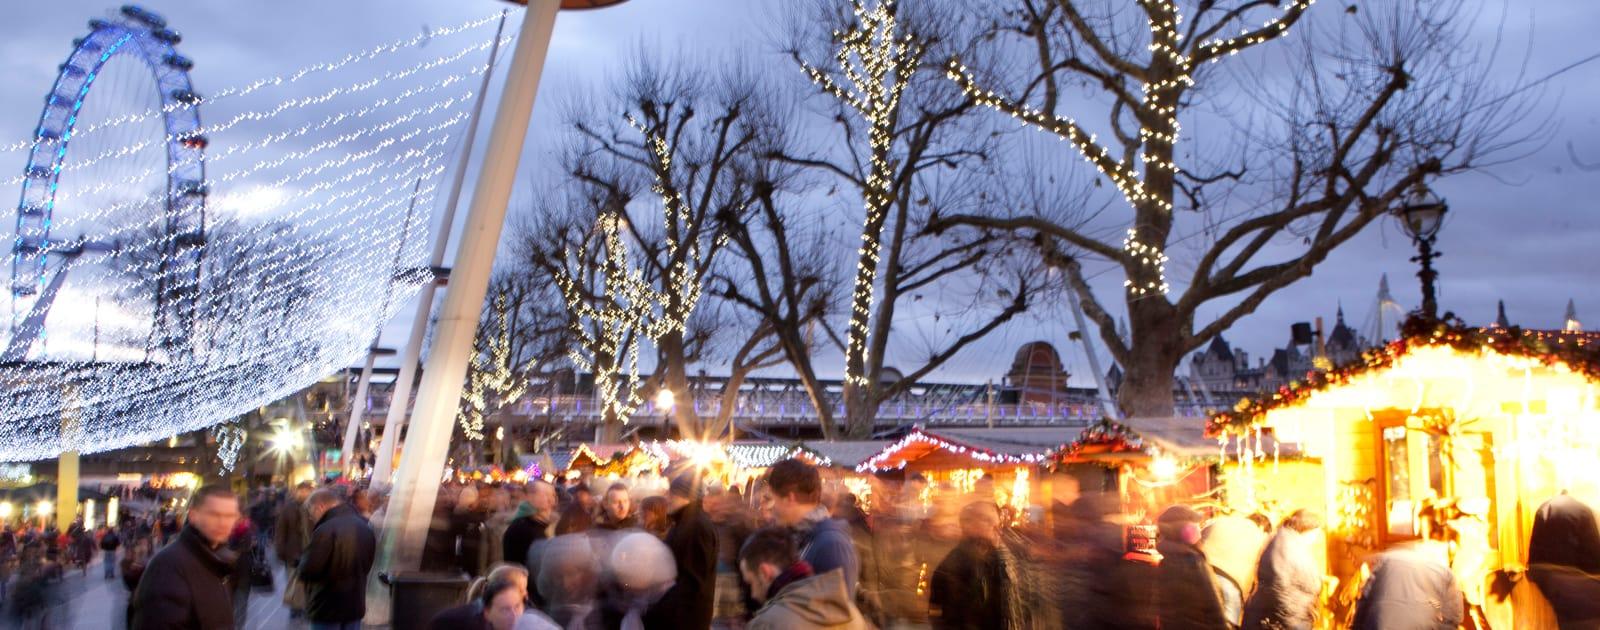 שווקי חג המולד - מה לעשות בלונדון בחורף?